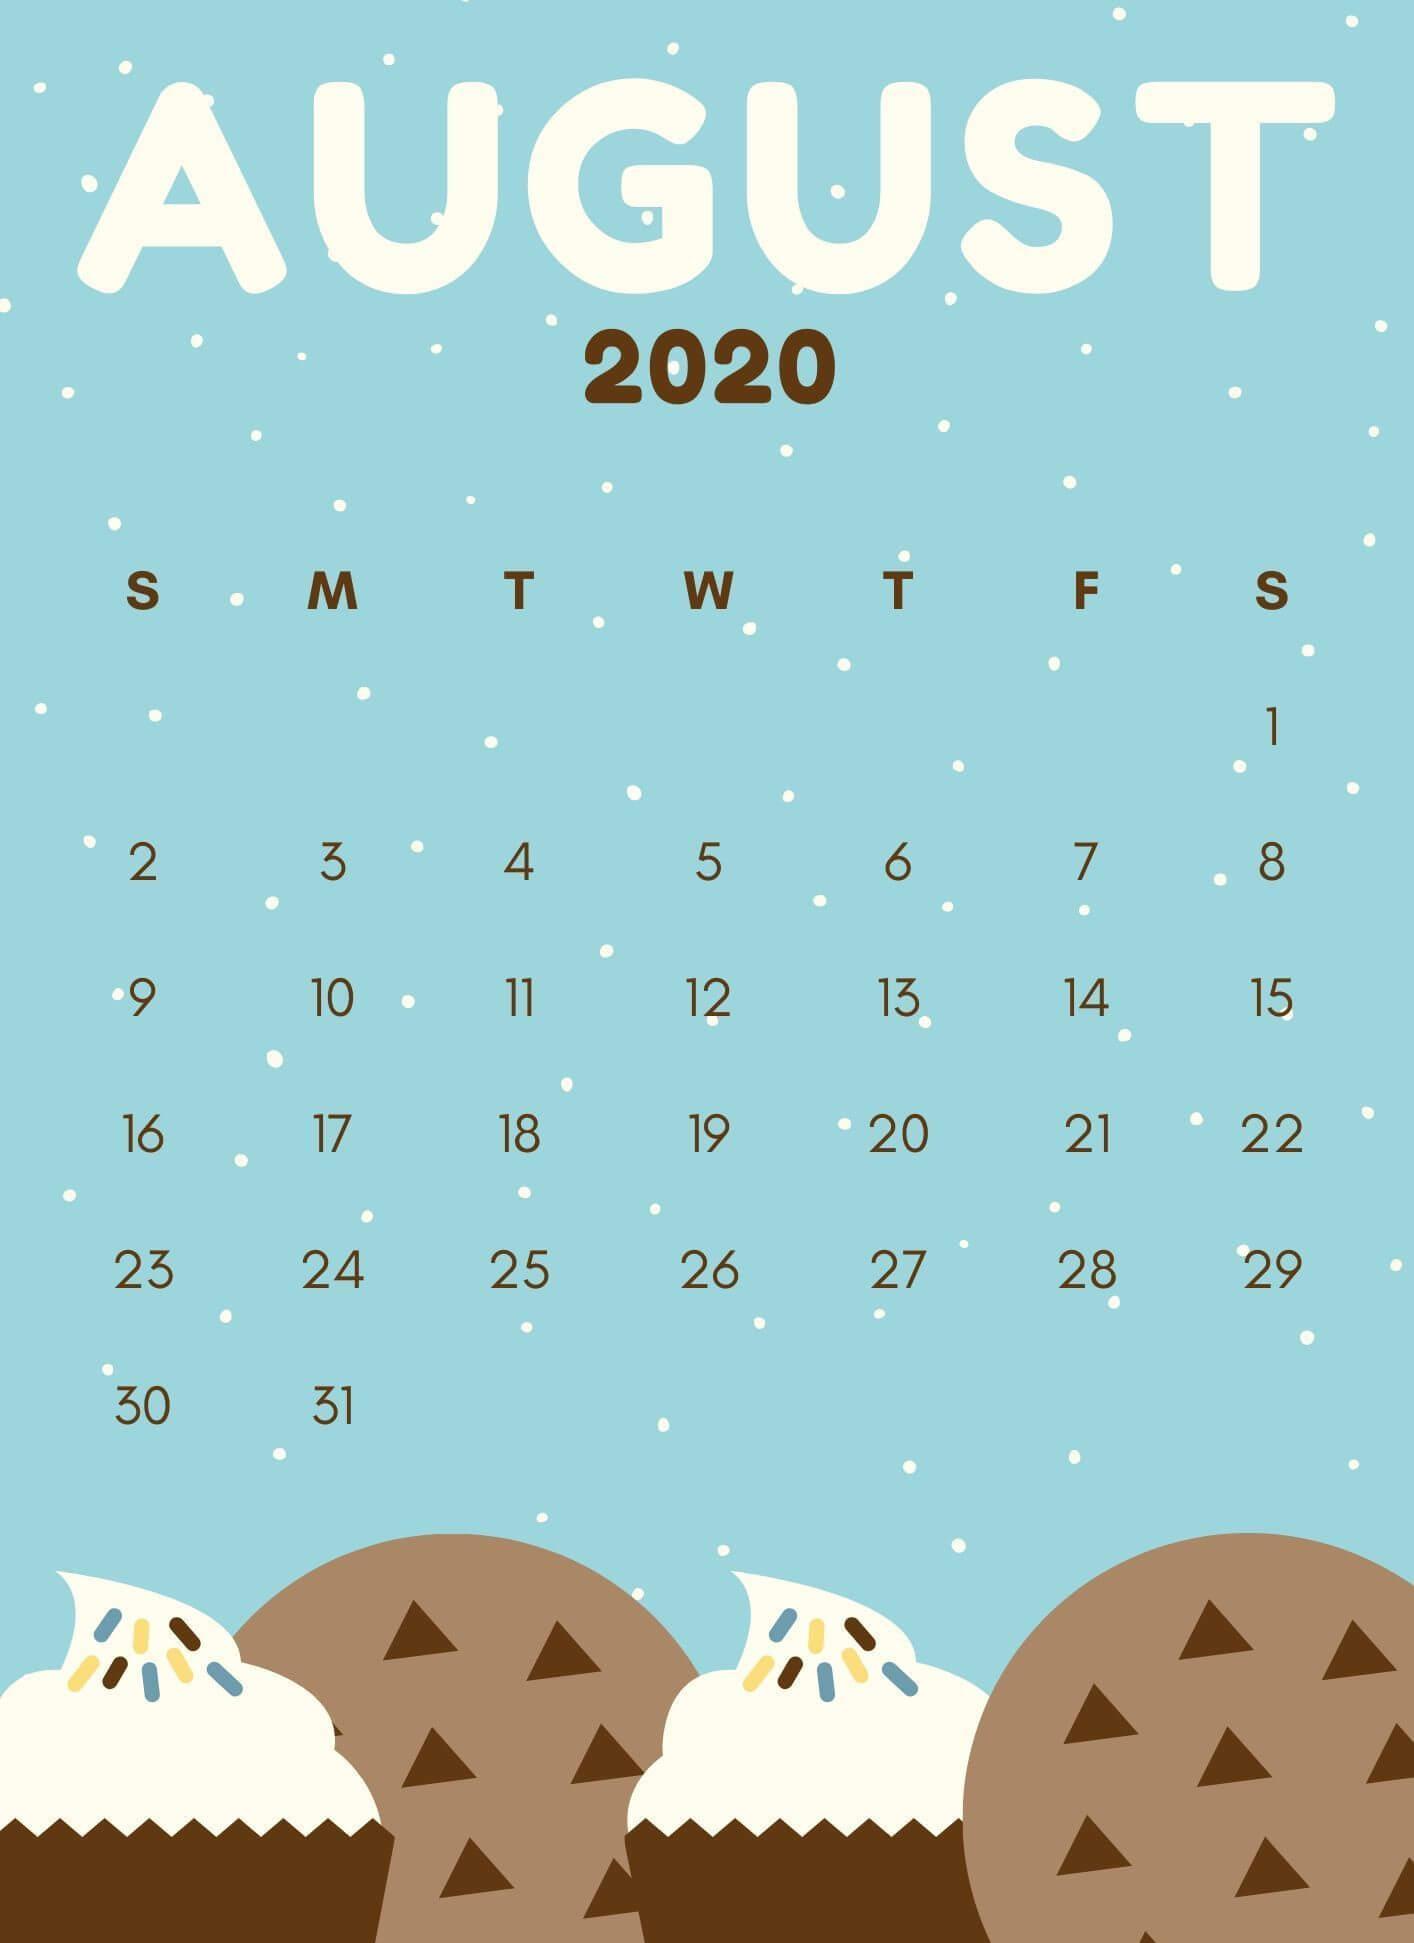 August 2020 iPhone Calendar Wallpaper